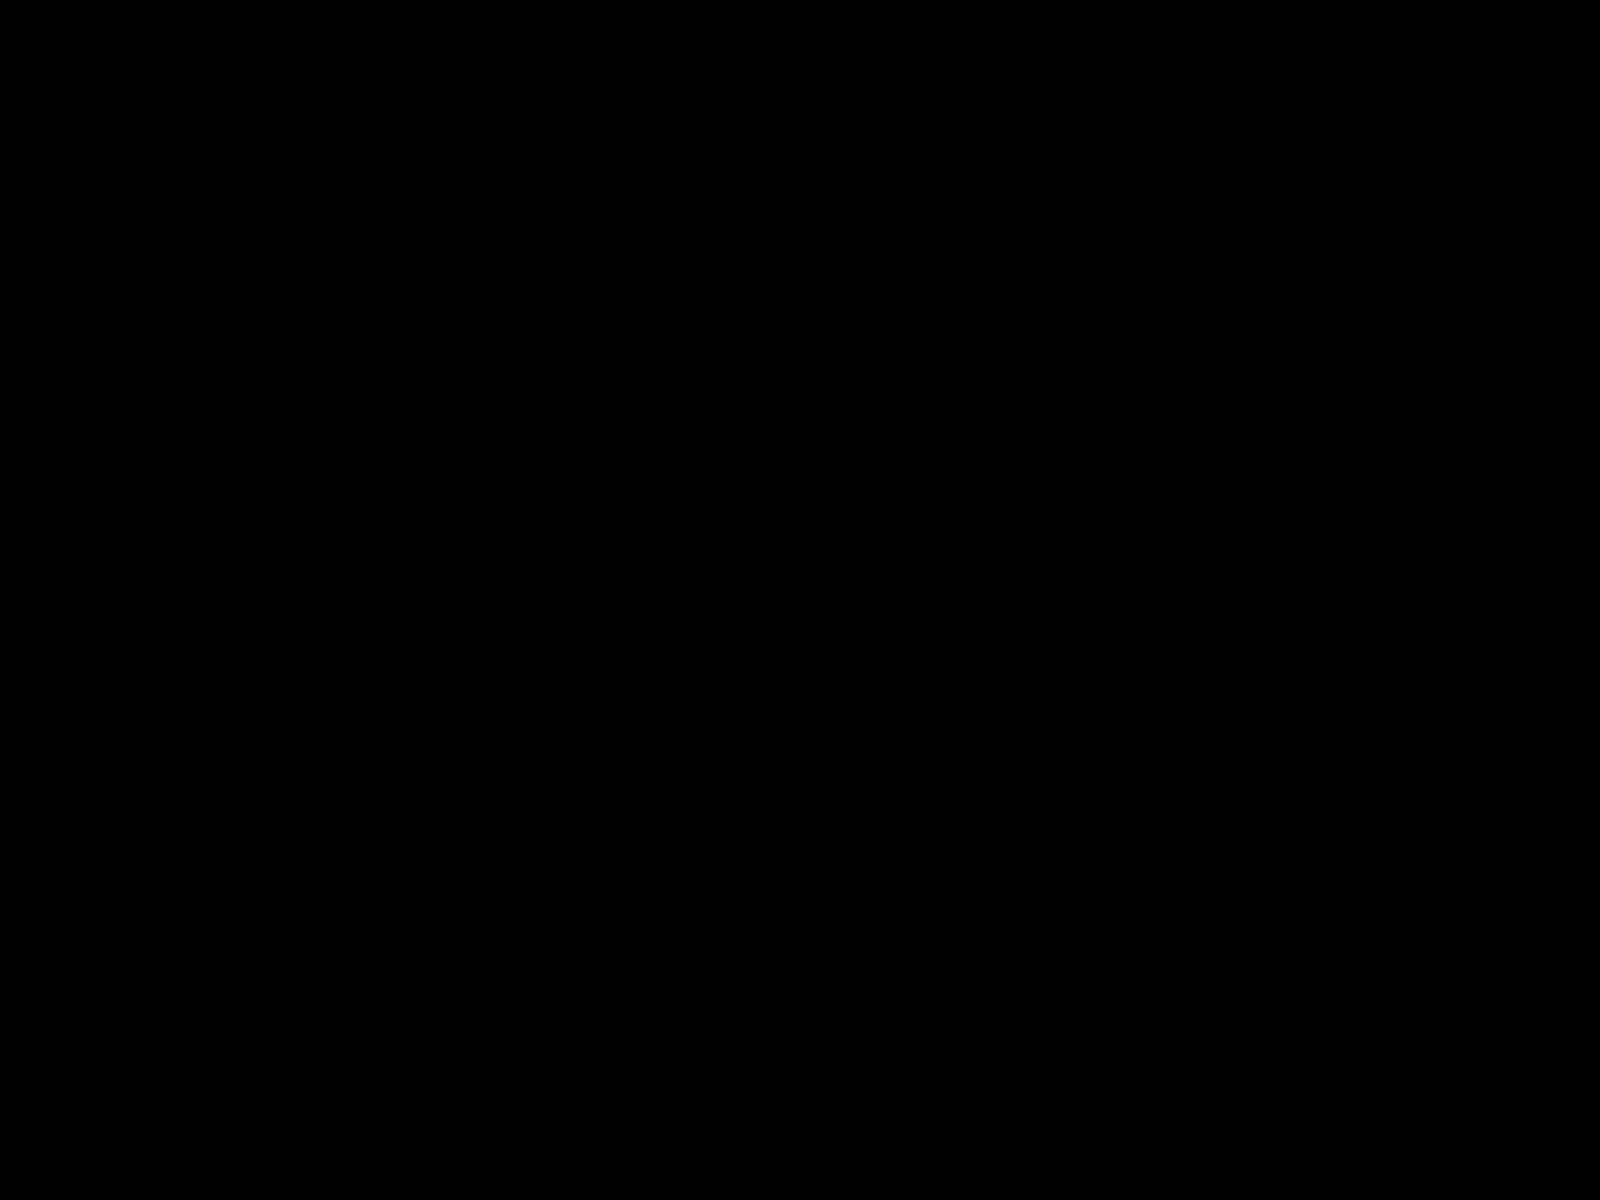 Logo Instagram Clipart File Instagram Logo Transparent New Instagram Logo Instagram Logo